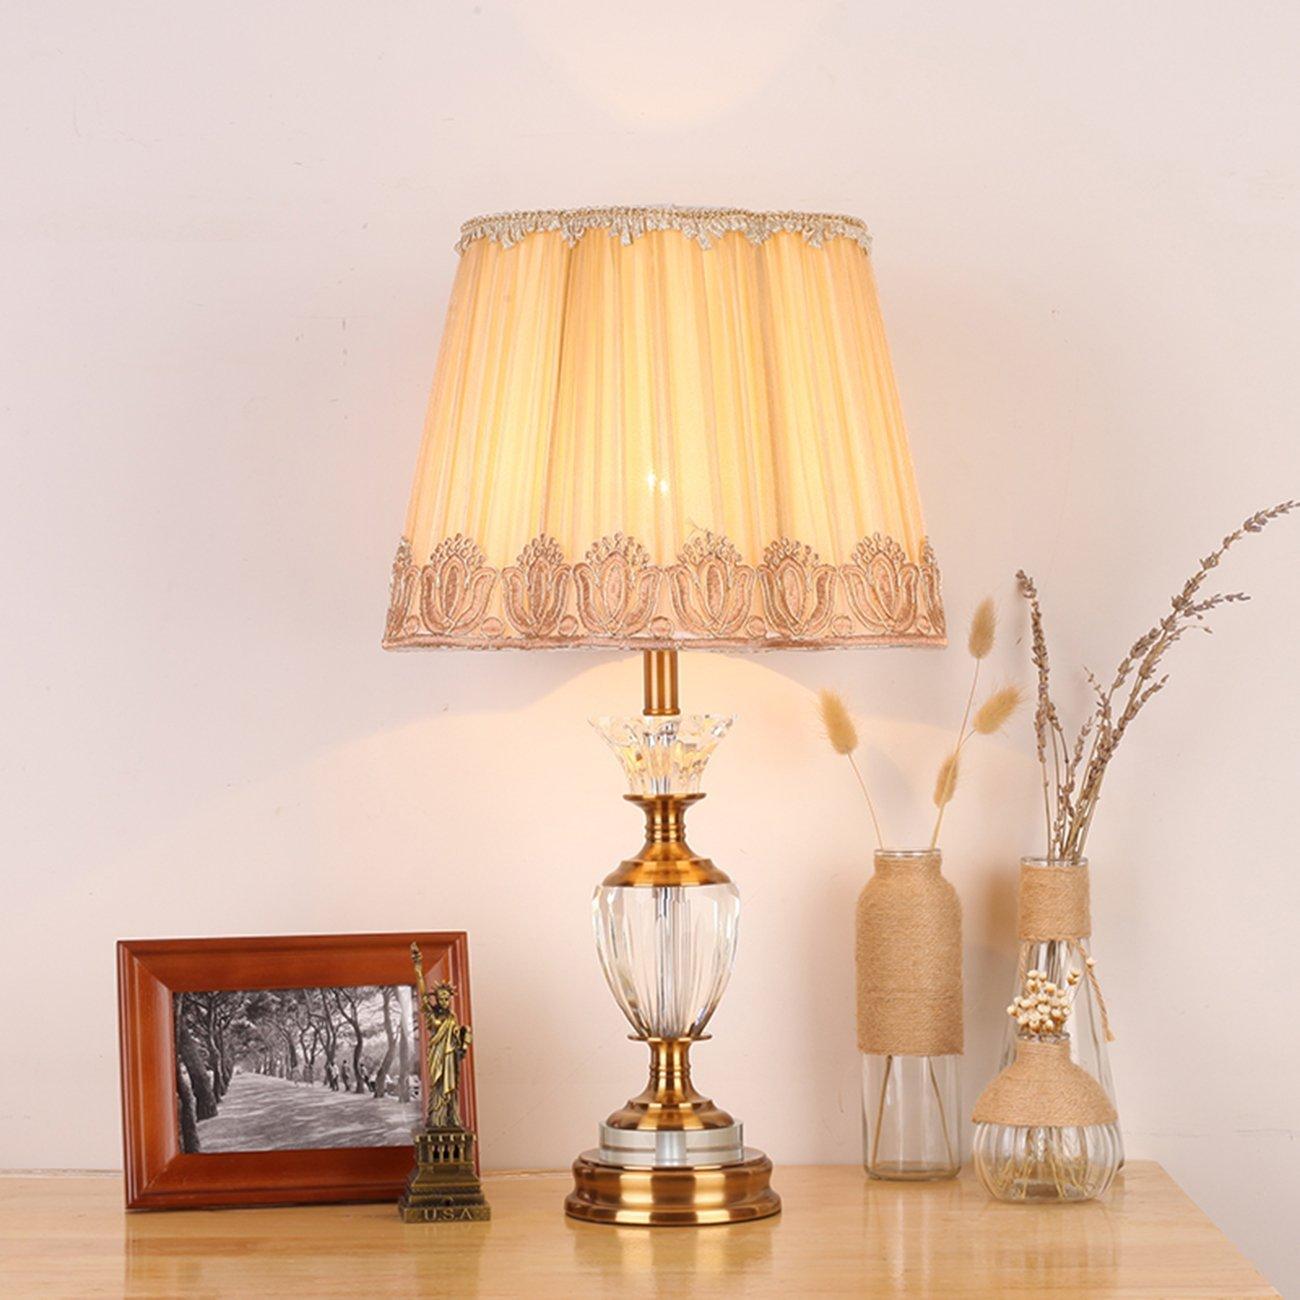 Ganeed Kristall Blume Tischlampen Fr Wohnzimmer Schlafzimmer 3356 CM 1322